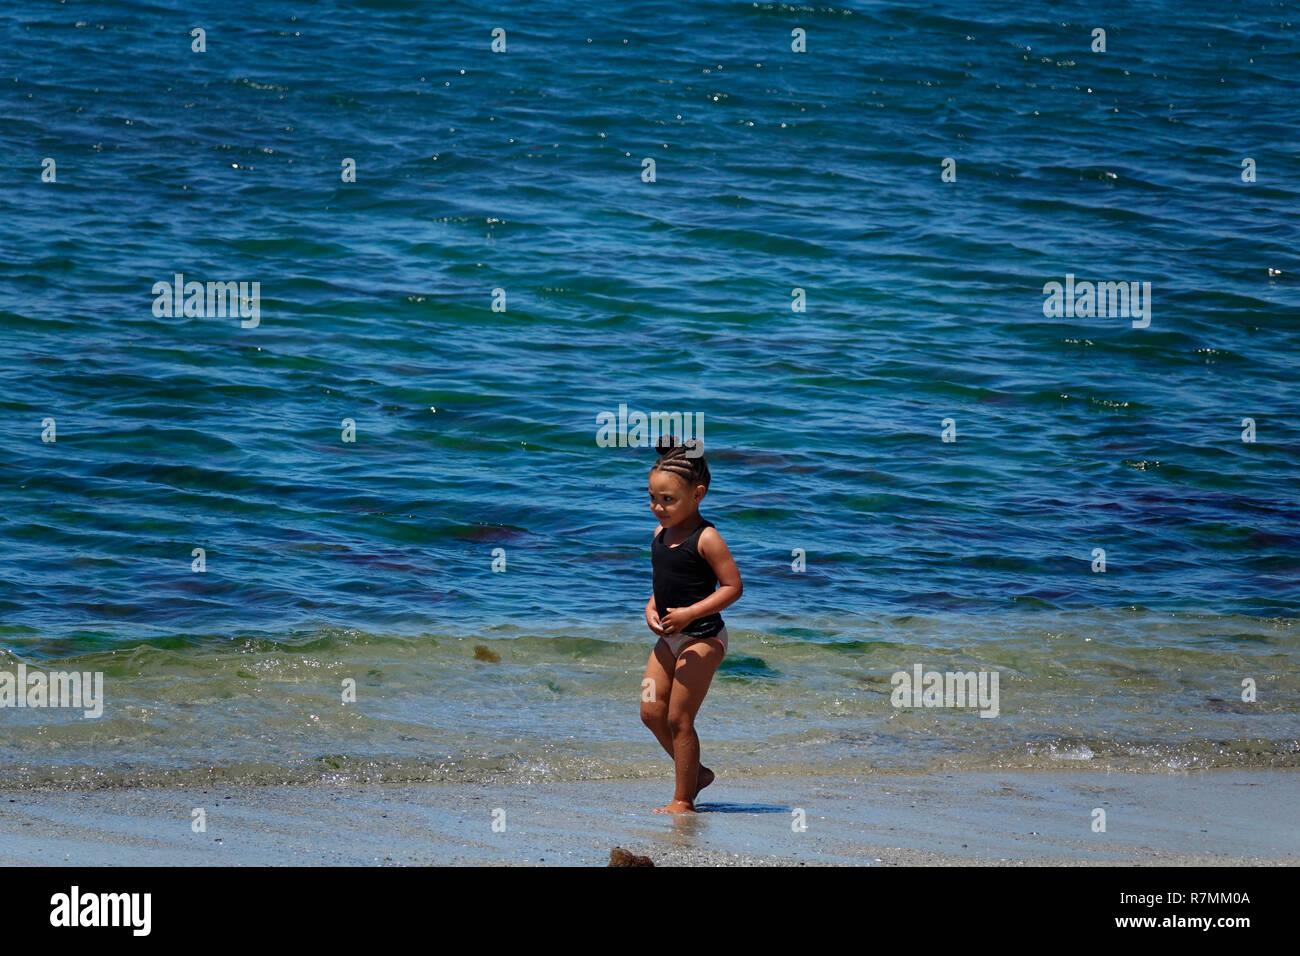 Saldanha bay - Stock Image